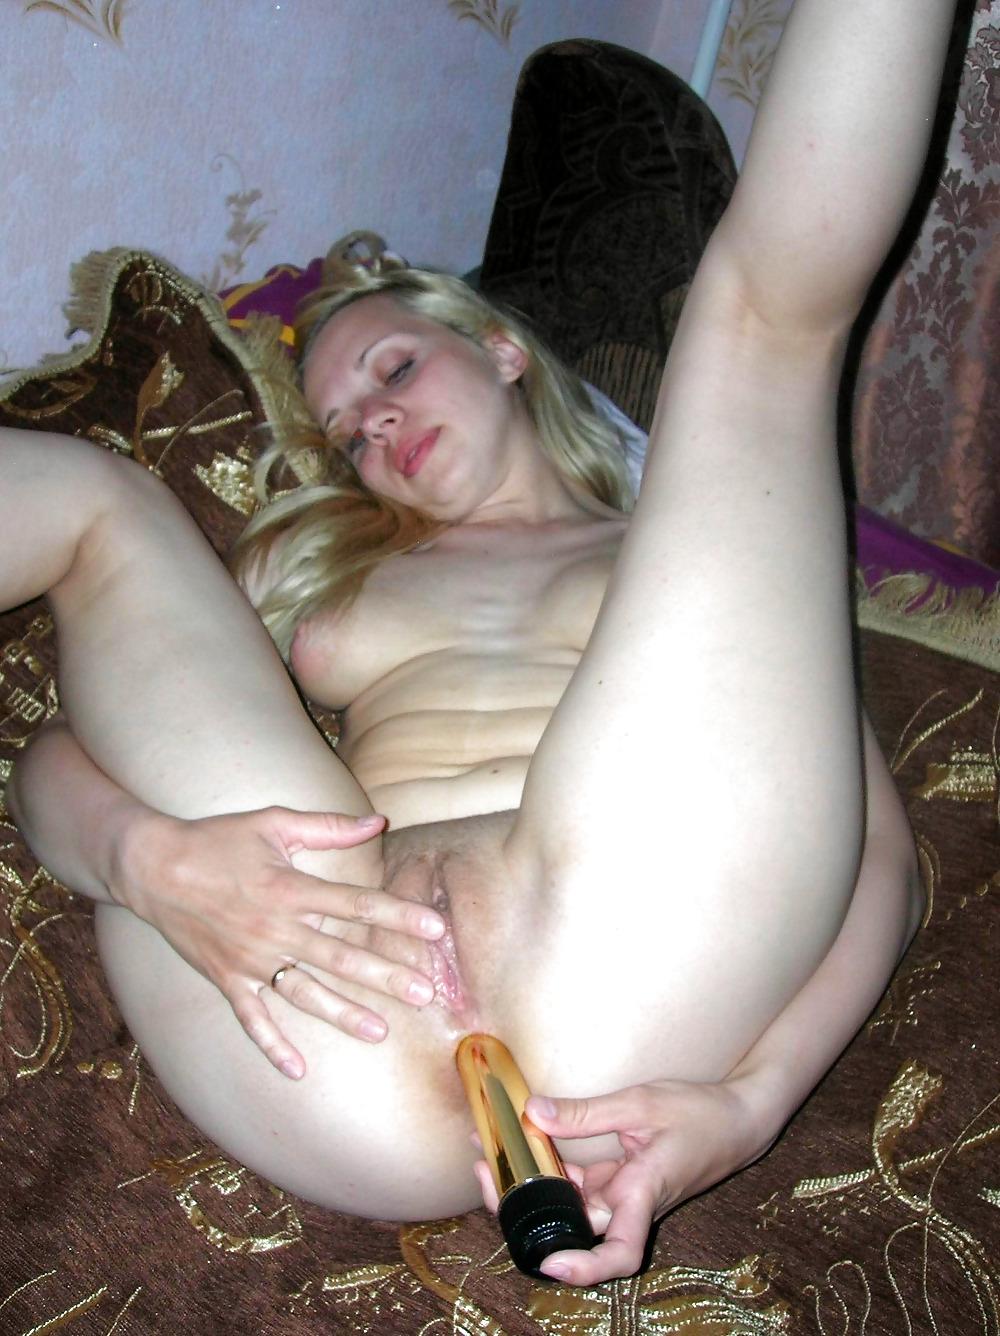 Amateur Anal Dildo 01 Porn Pics #2170964